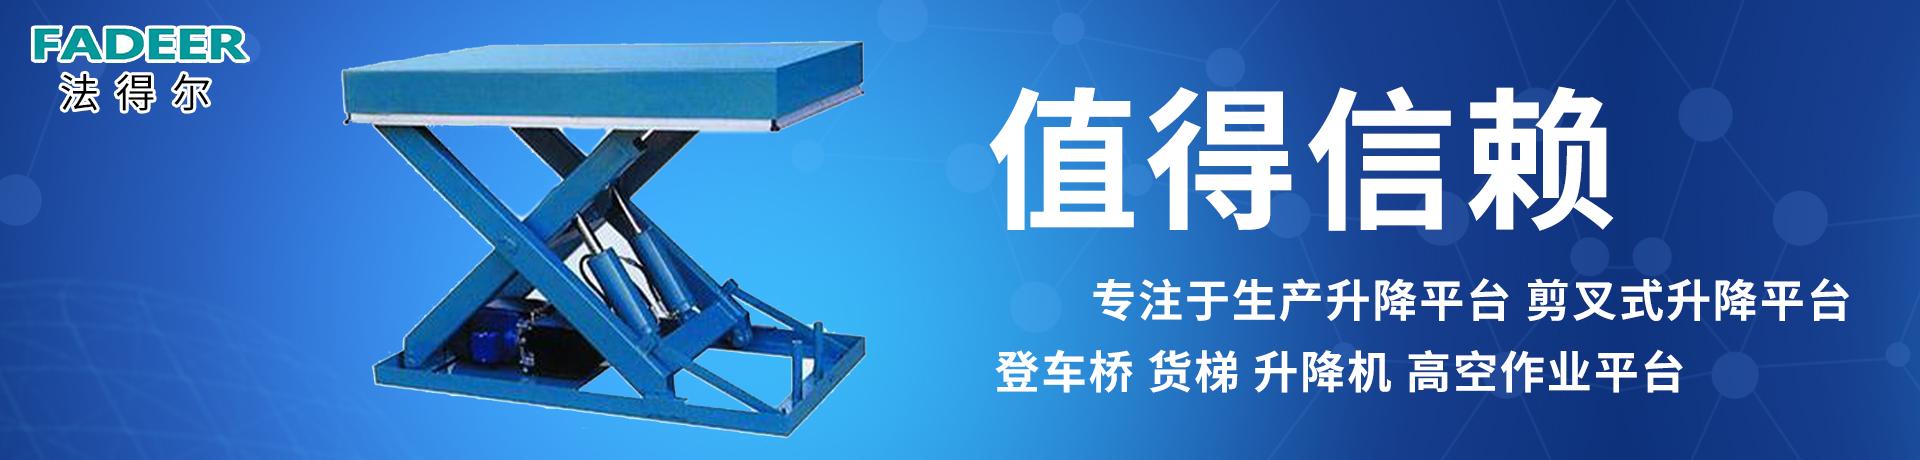 长沙法得尔工业设备有限公司